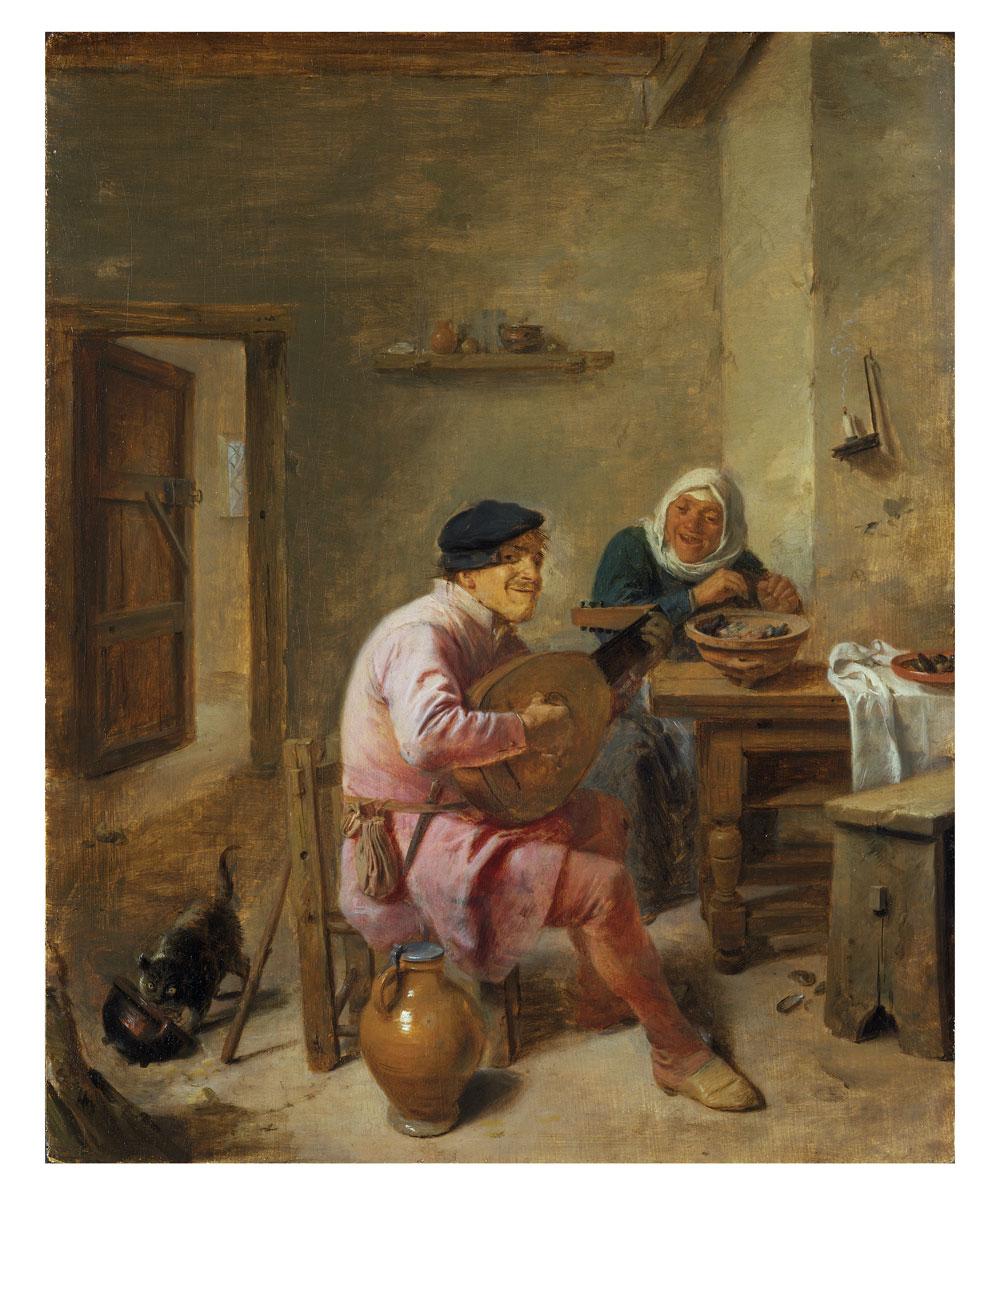 La città di Oudenaarde dedica una retrospettiva al suo Adriaen Brouwer, pittore fiammingo del barocco